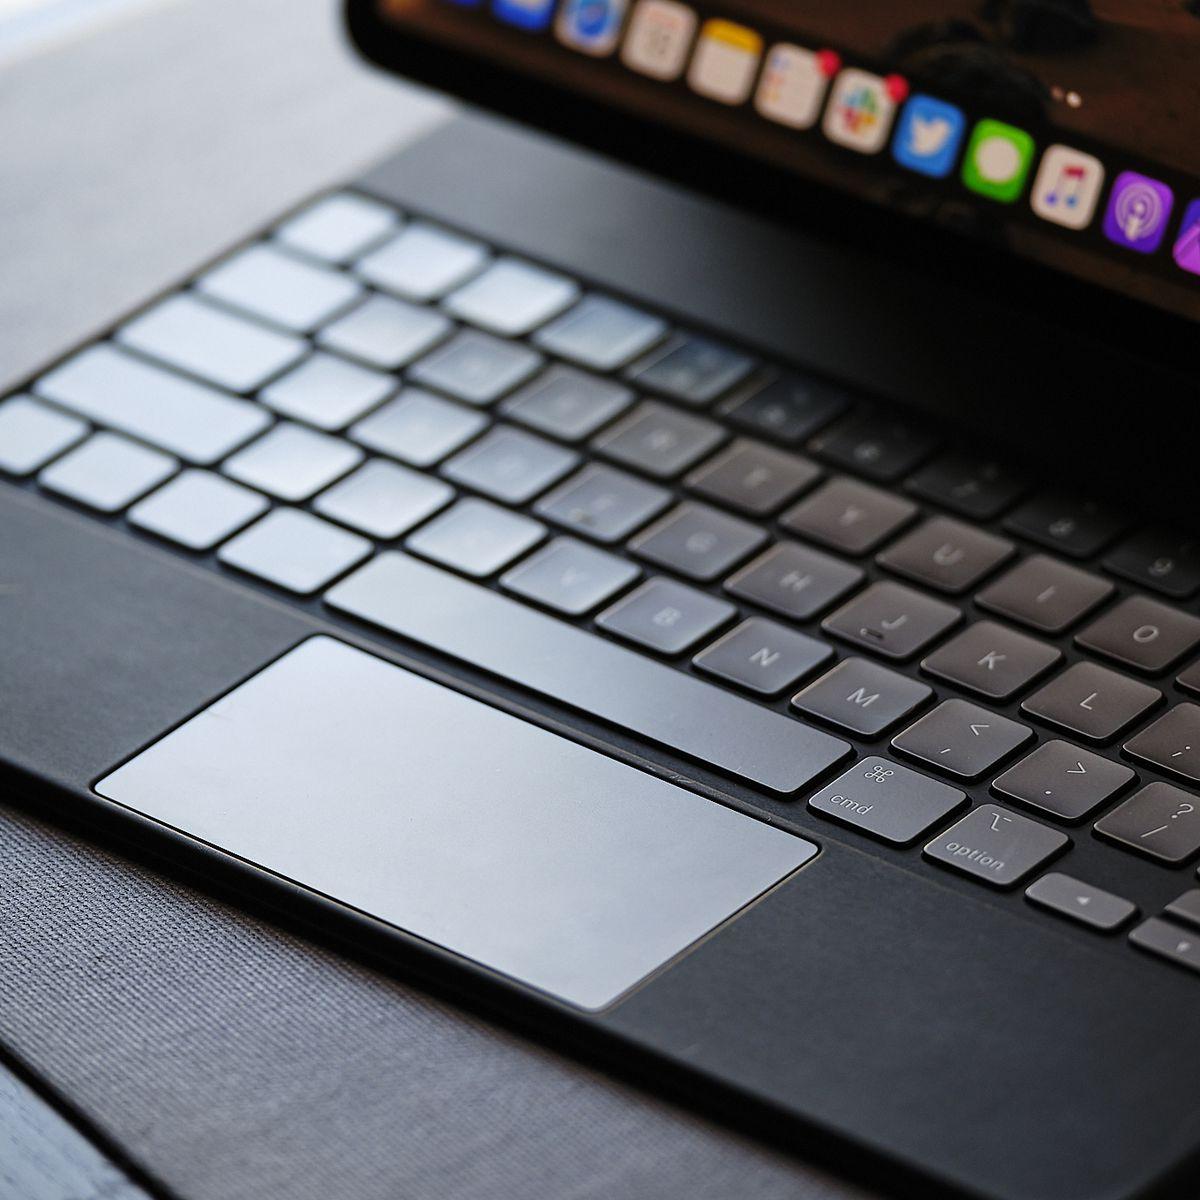 Apple'ın Magic Keyboard'u birkaç perakendecide hala 100 $ indirimli 13